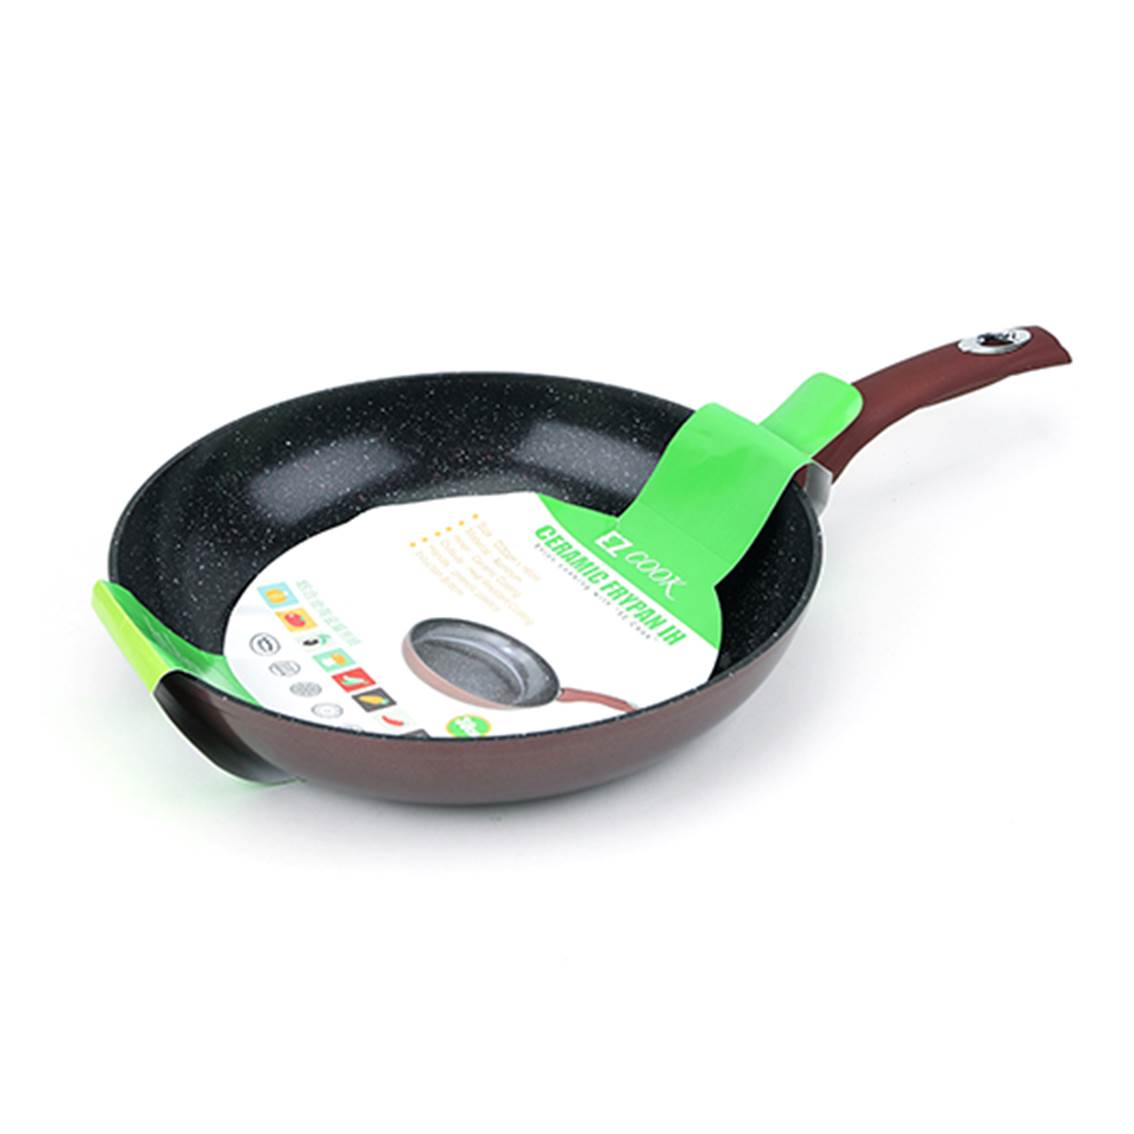 EZ Cook 鋁合金陶瓷層易潔煎鍋 30cm